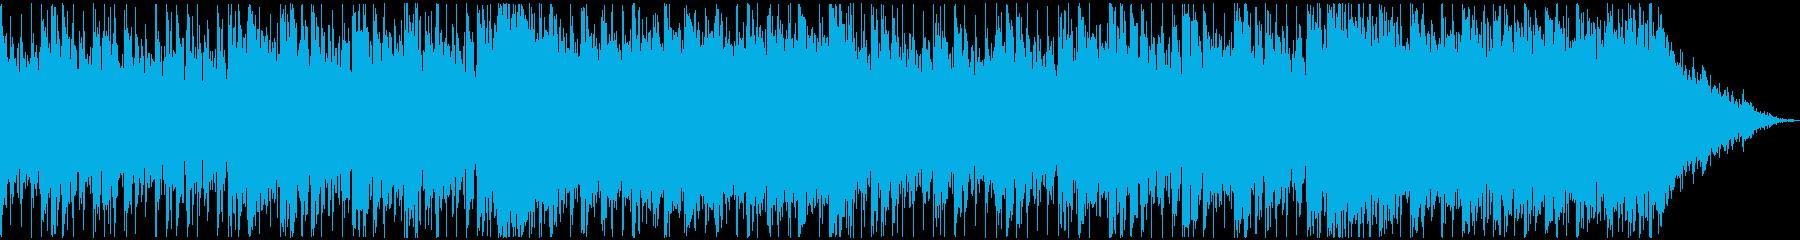 逃亡、レースをイメージしたシネマ系の曲の再生済みの波形